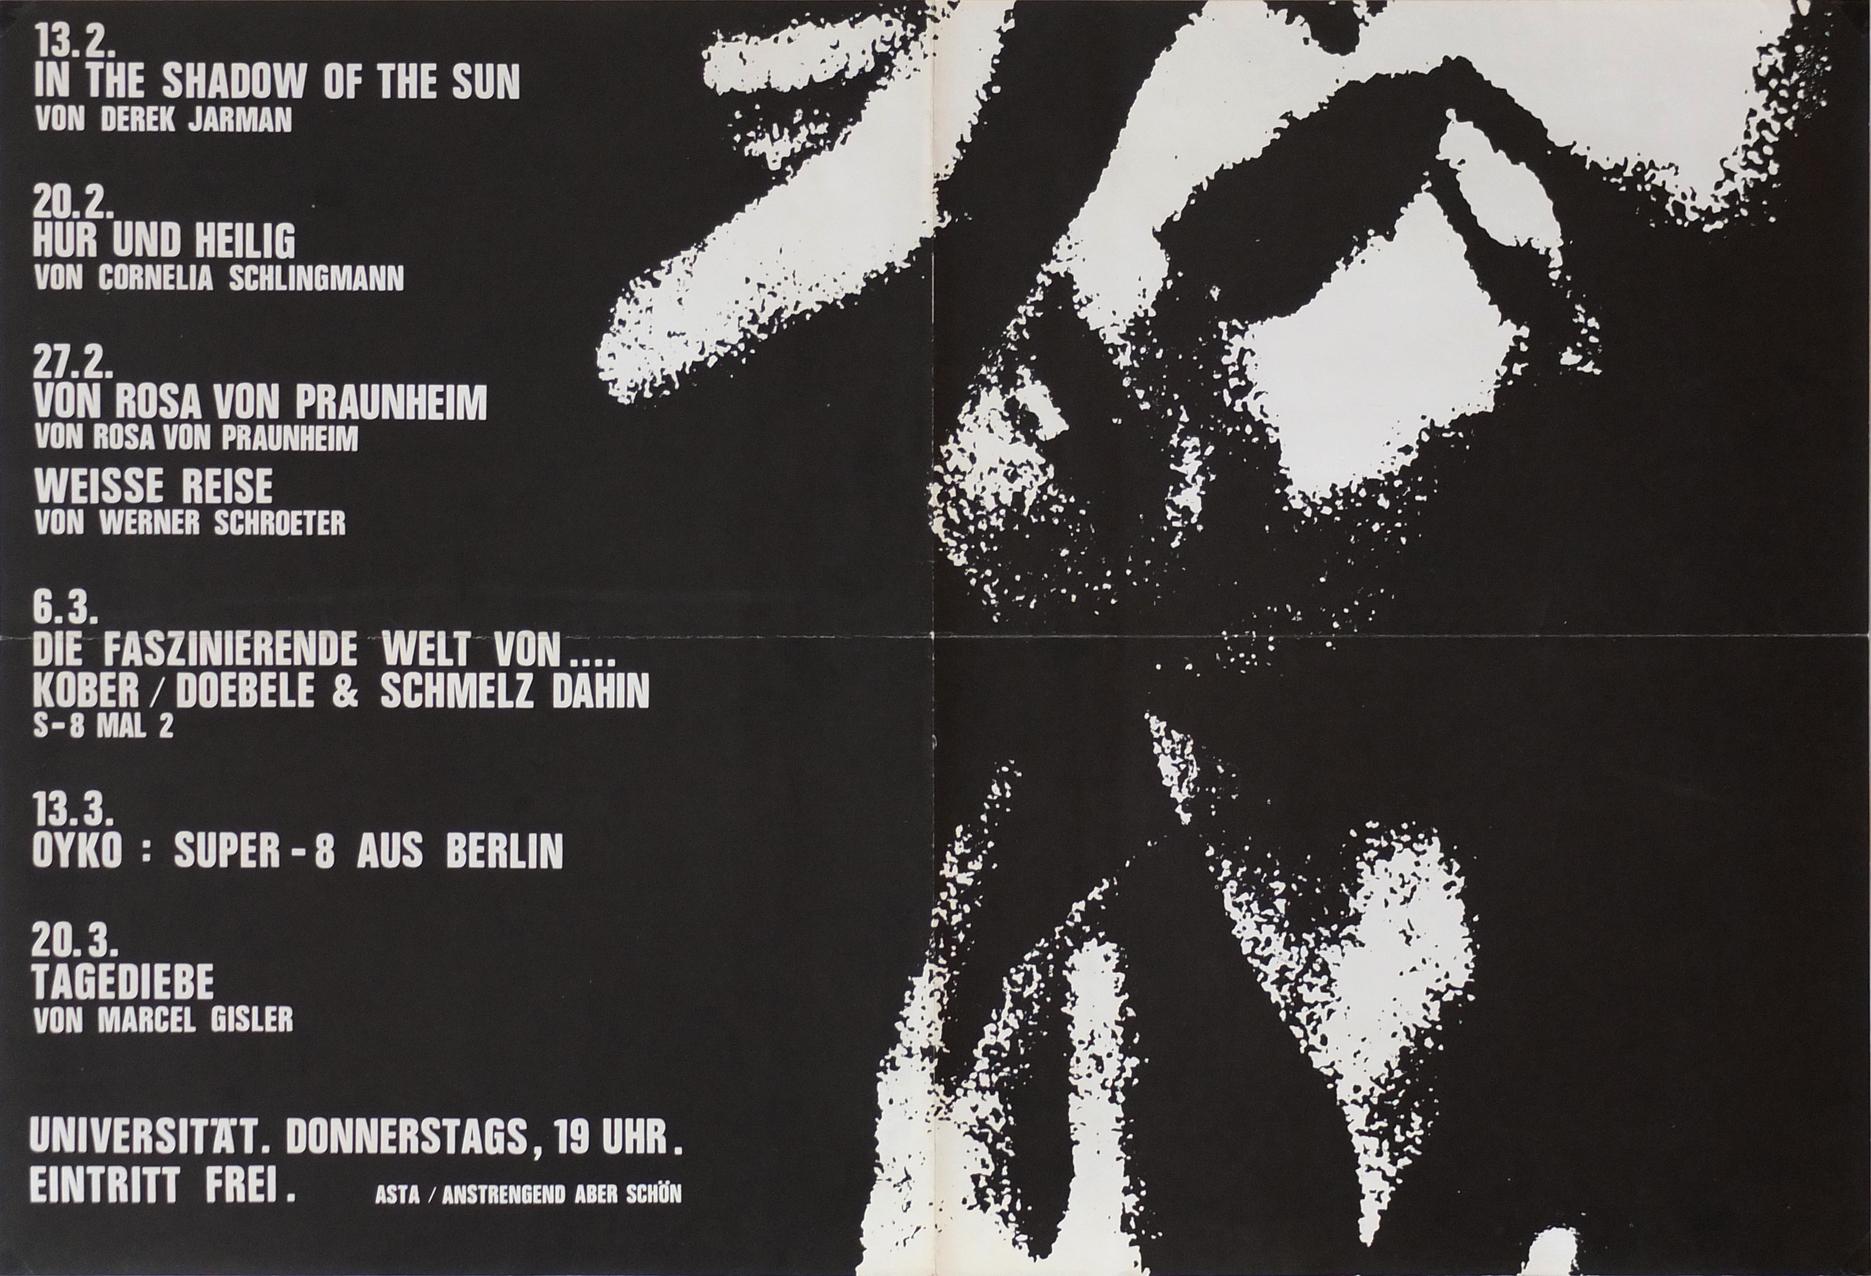 """Photo: Filmserie Universität Bielefeld, 1987 präsentiert von """"Anstrengend aber schön"""" (M.Müller/Chr.Heuwinkel/u.a.) DIN-A2, 40,5 x 60 cm"""